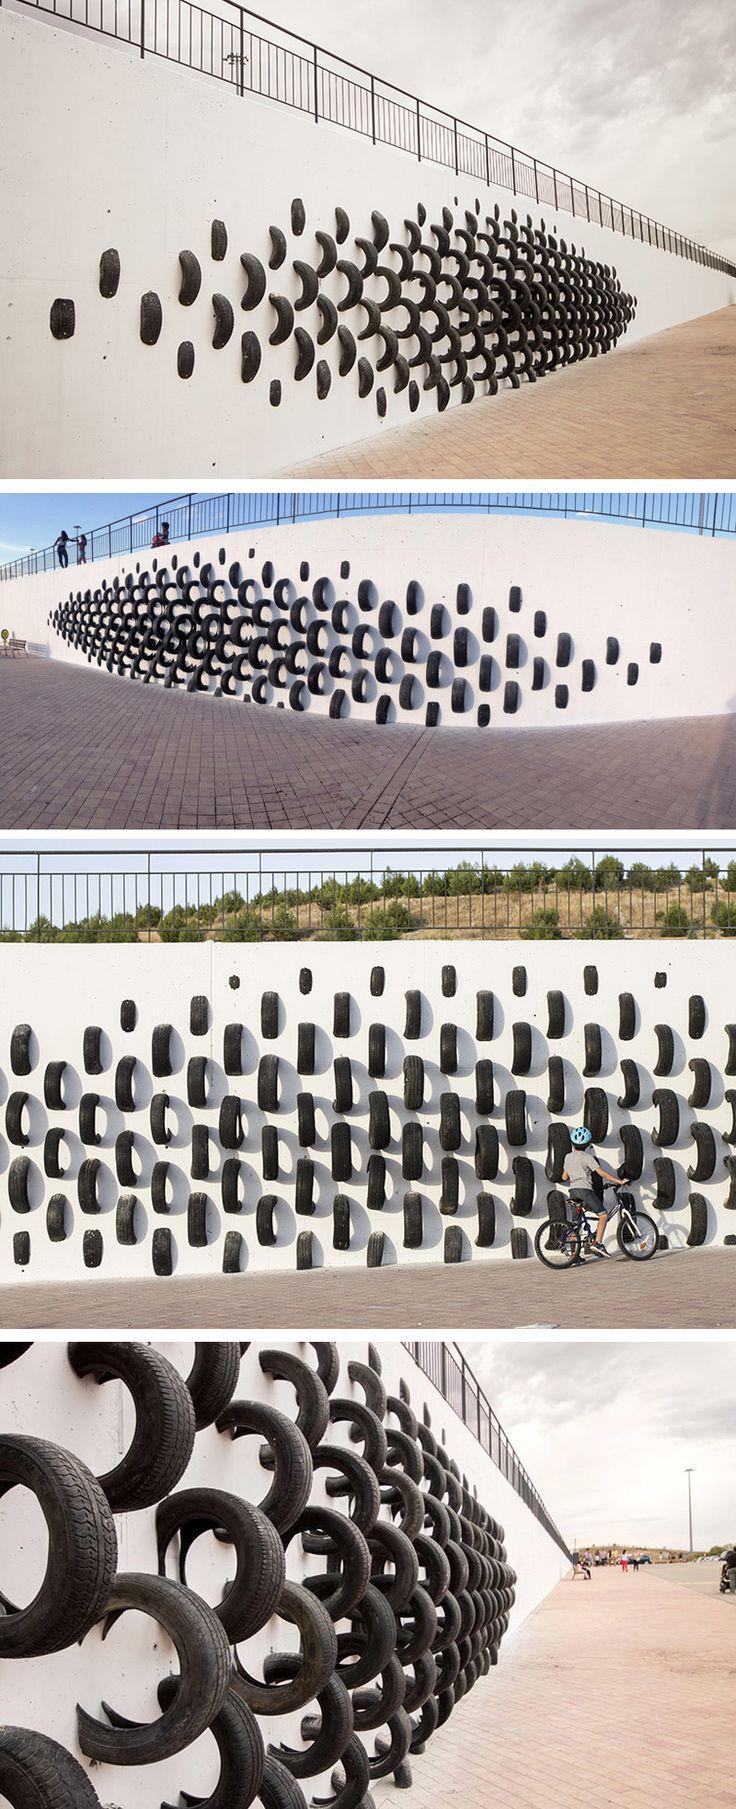 Spanish Artists Use Old Tires To Create Wall Art / RIen est a jeté, tout sert, l'art et limagination est notre arme